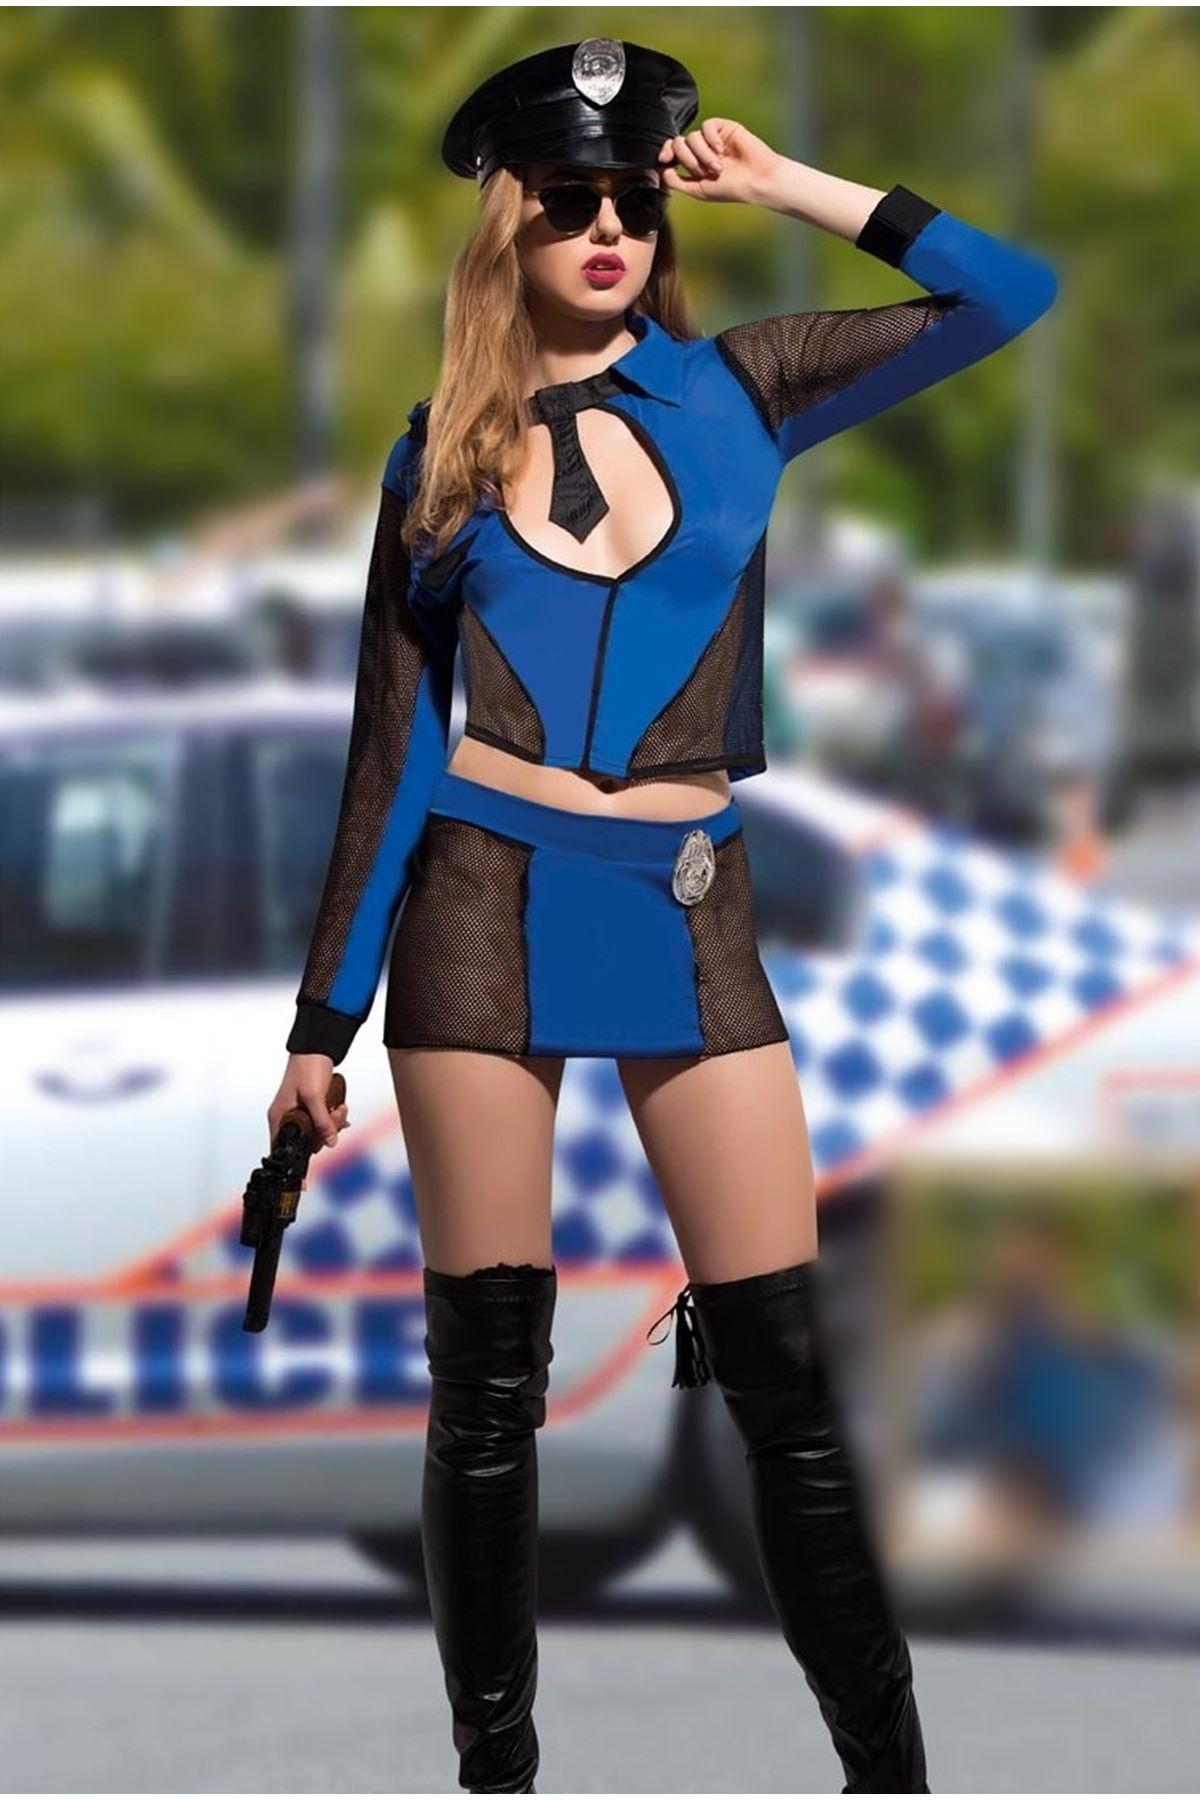 Vip Madame Kadın Fantezi Polis Kostüm